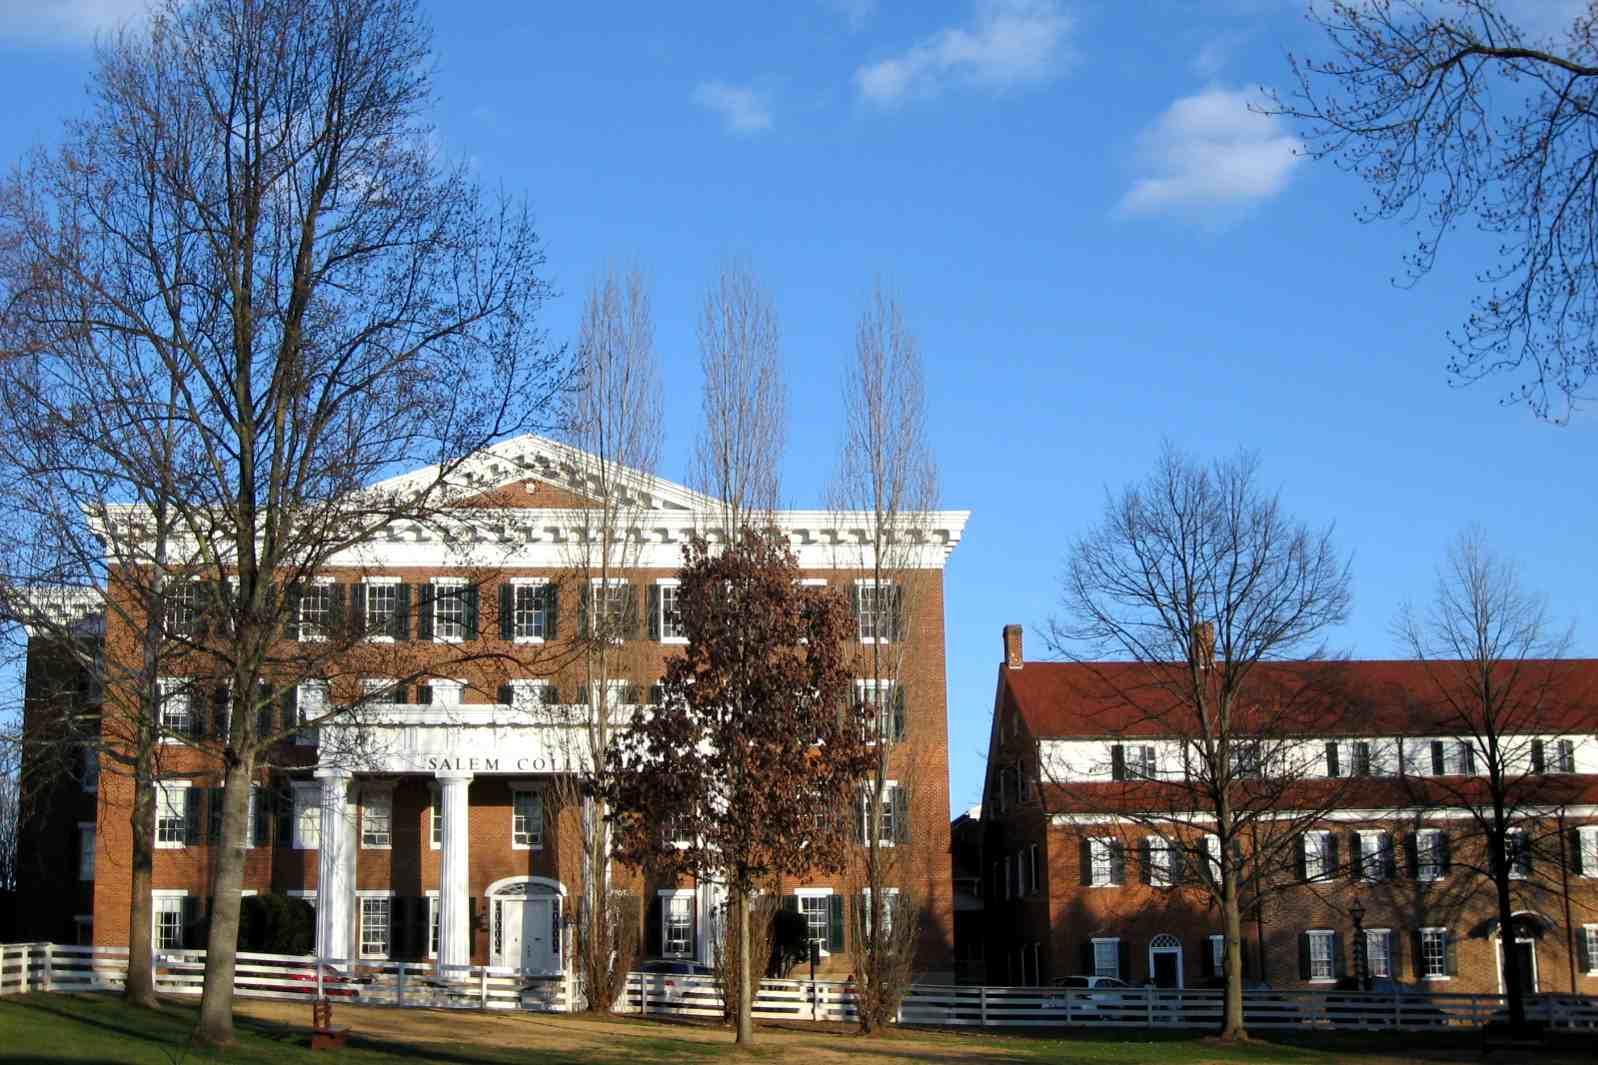 The campus at Salem College